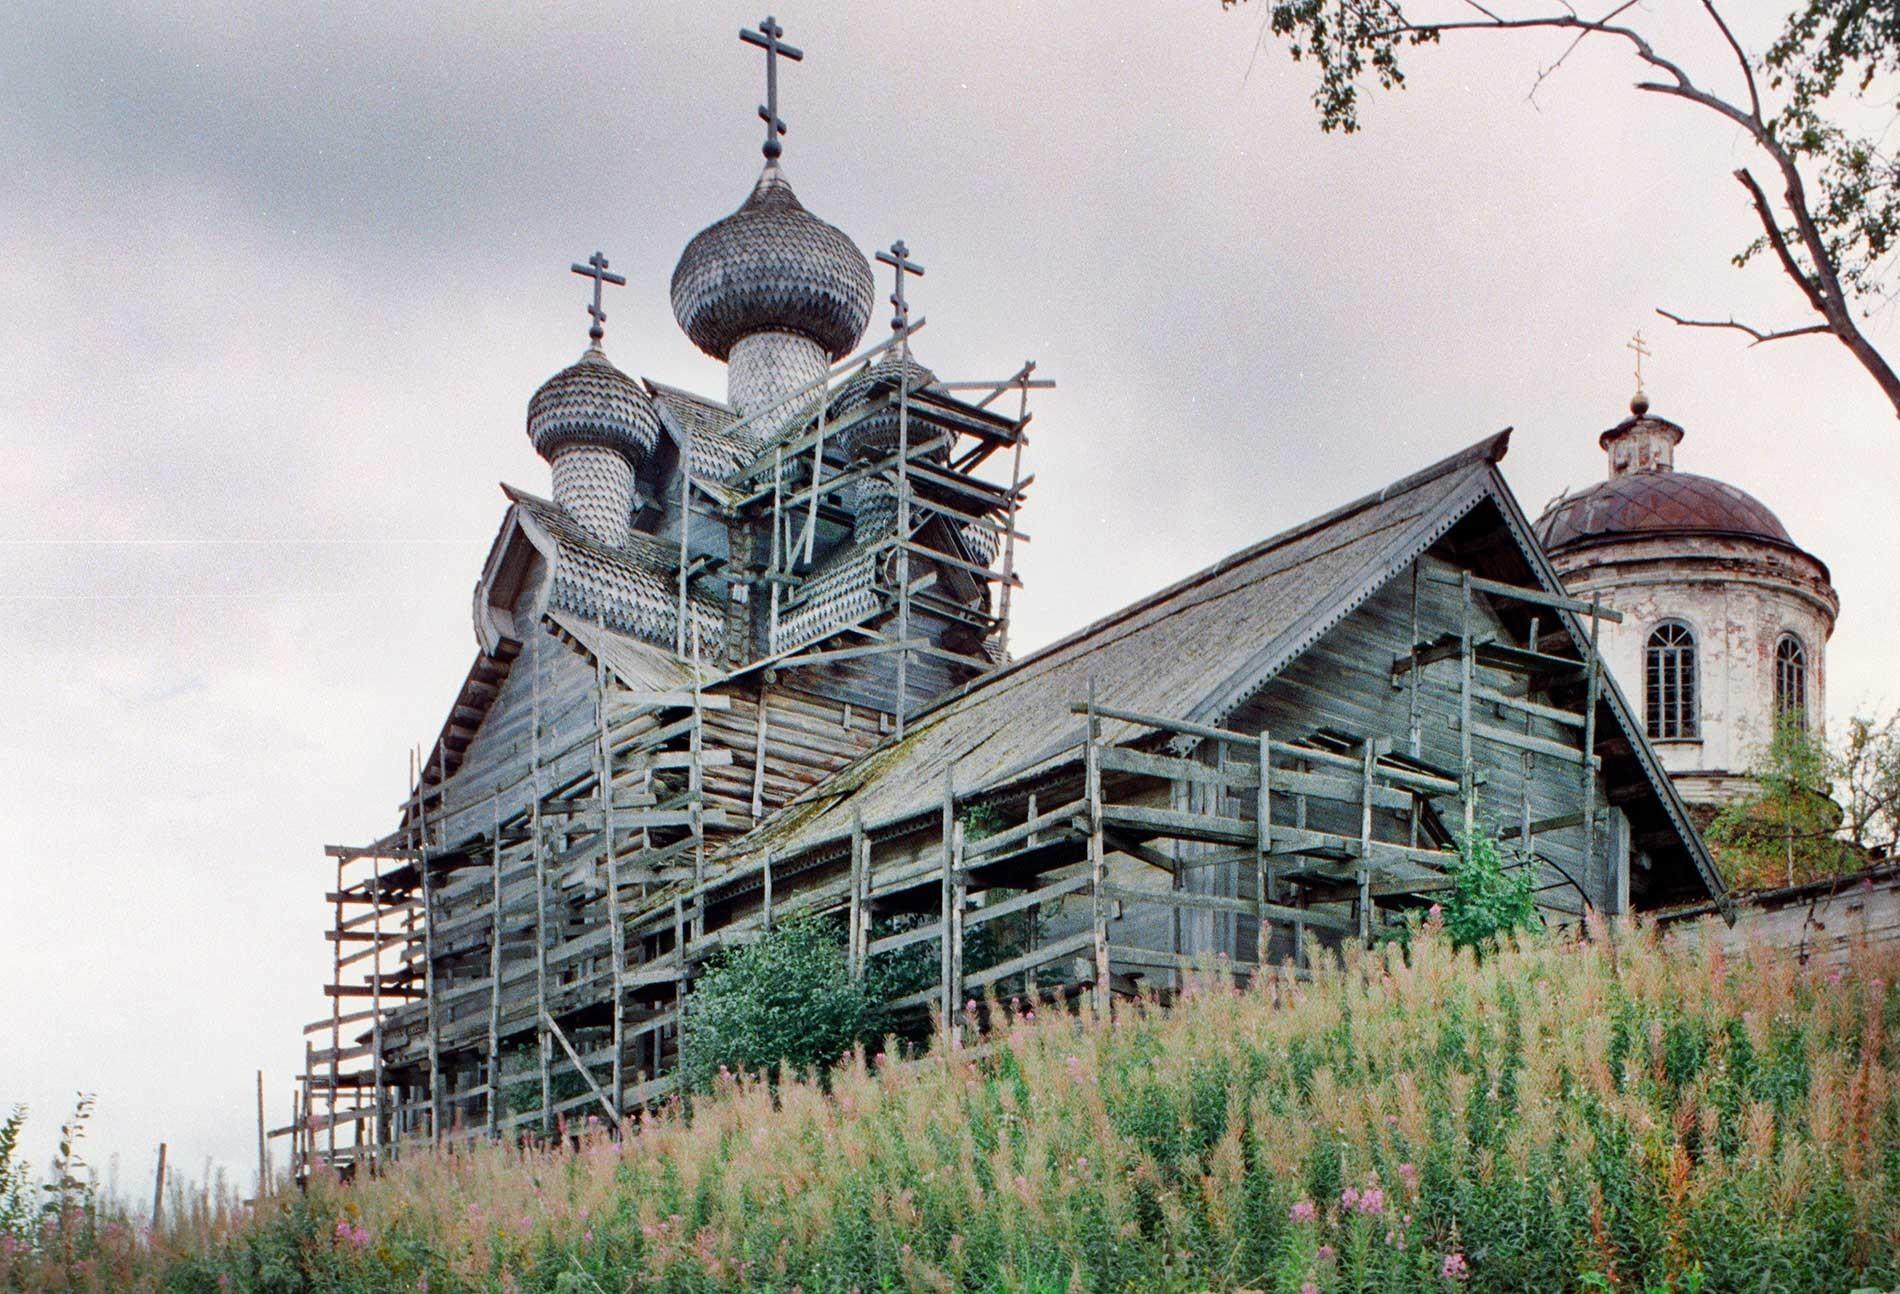 Paltoga. Iglesia de la Epifanía, vista noroeste. 28 de agosto de 2006.